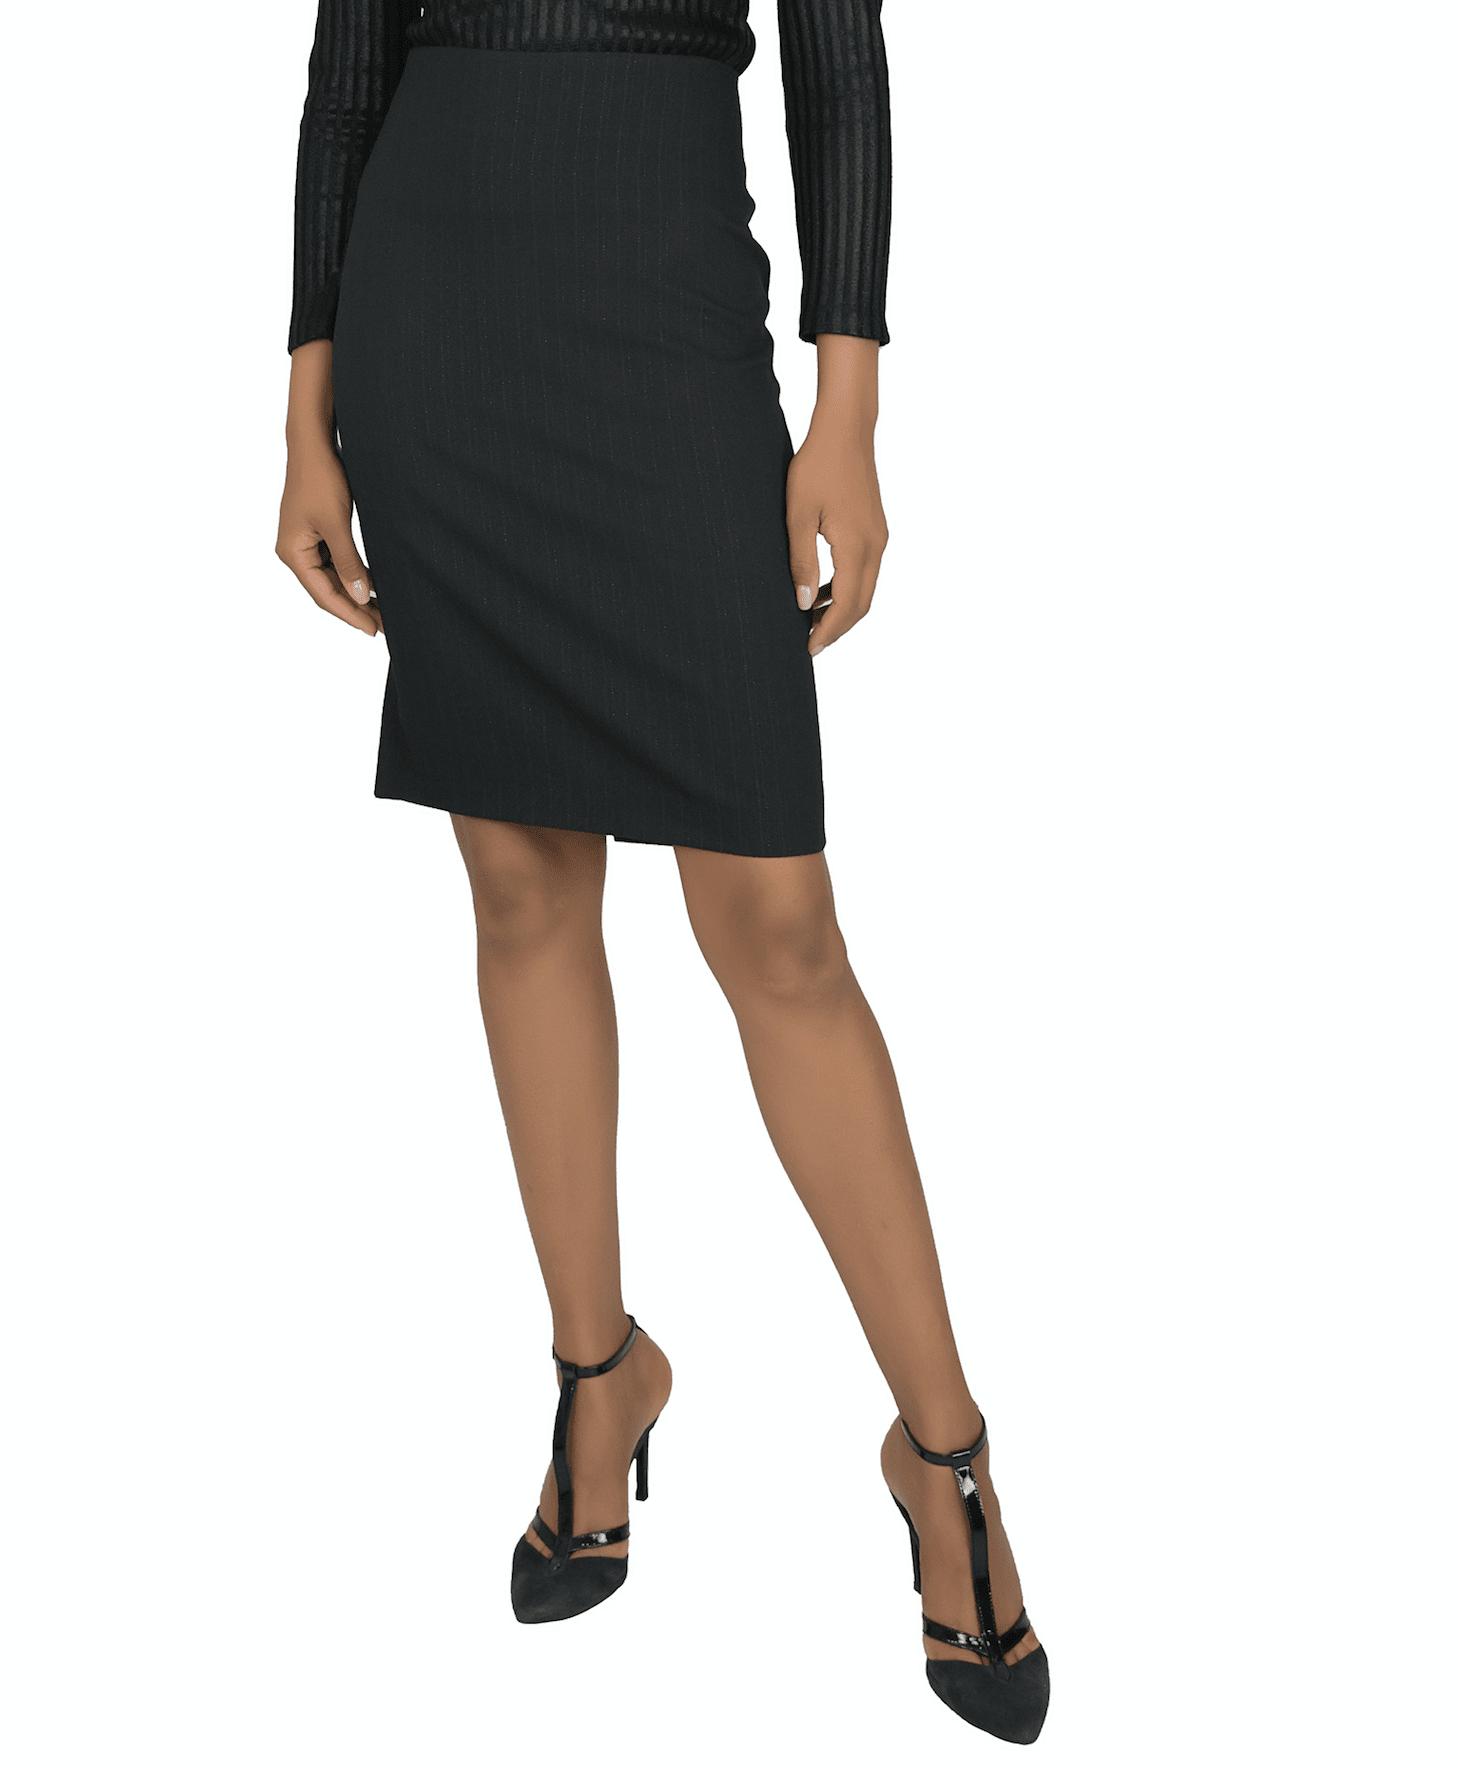 Skirt KEID 0